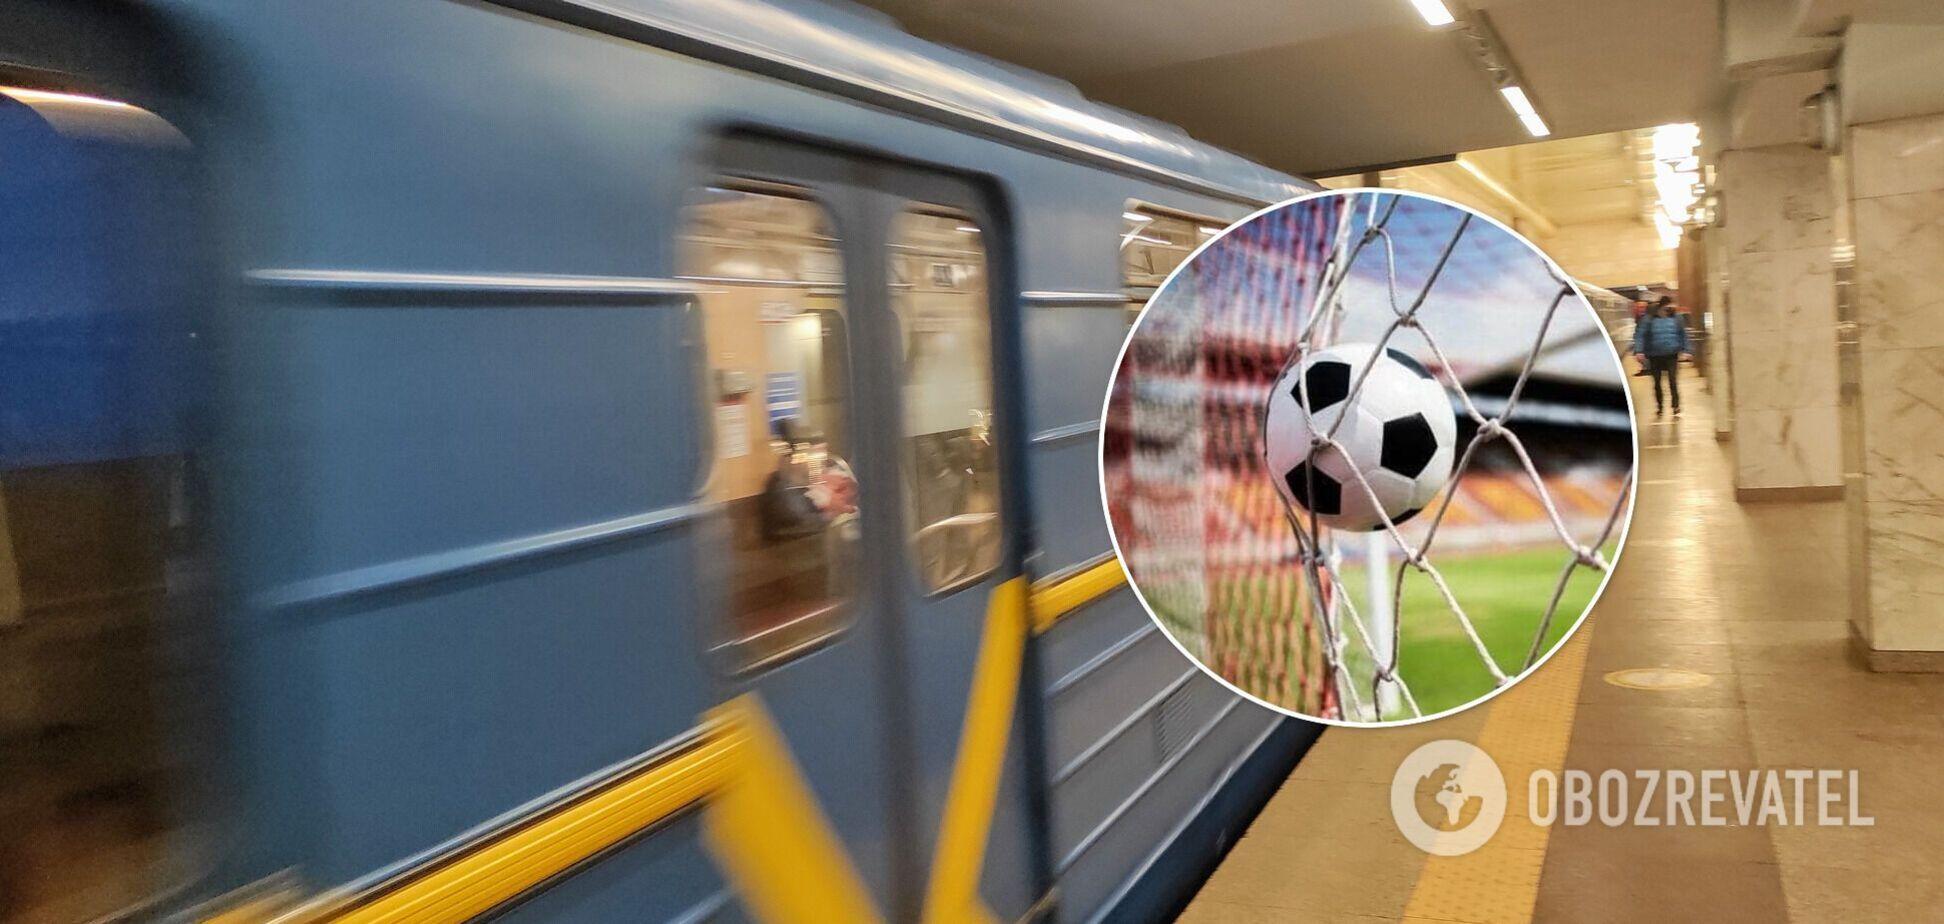 Футбольный матч начнется в 19:45